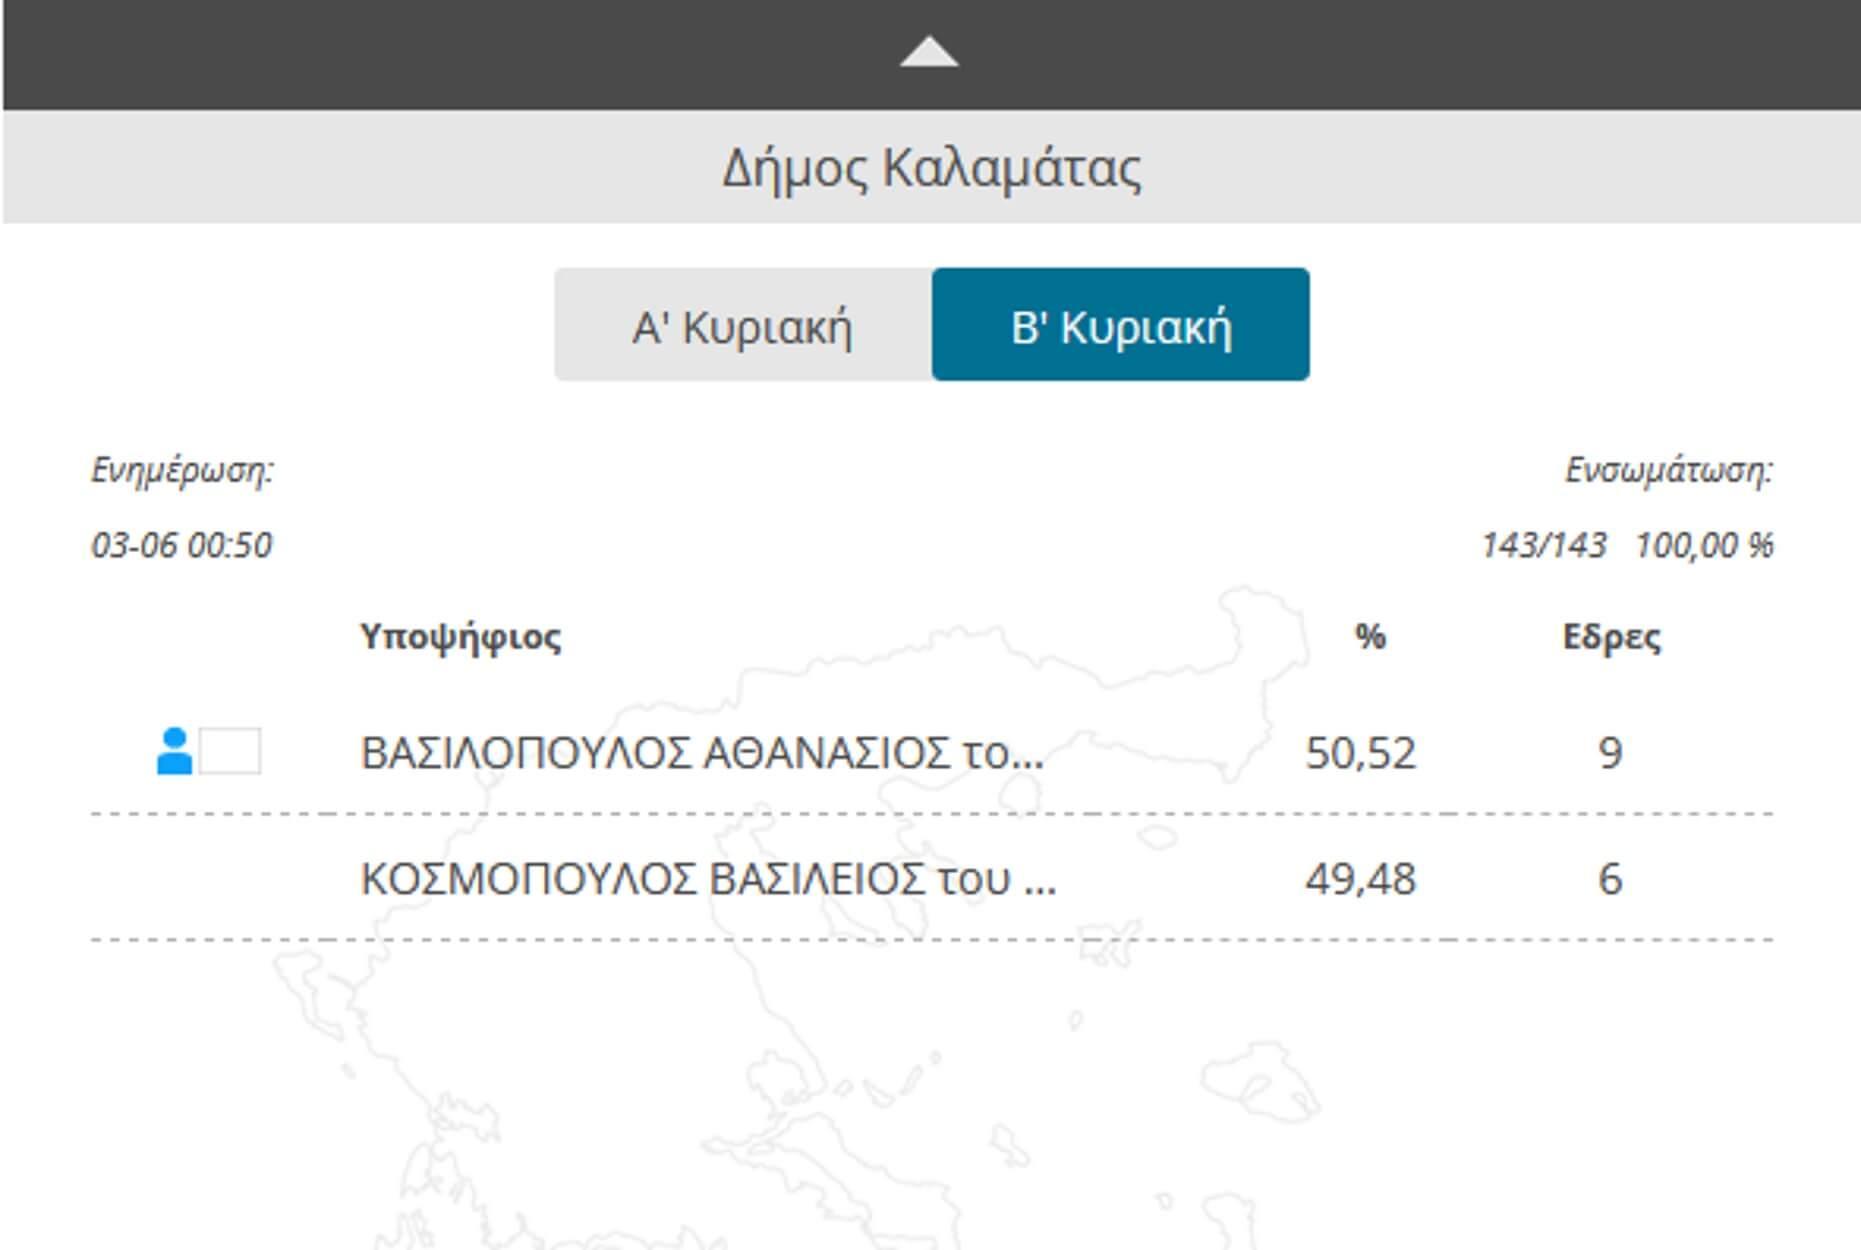 Θανάσης Βασιλόπουλος: Πρώτες δηλώσεις του νέου δημάρχου Καλαμάτας